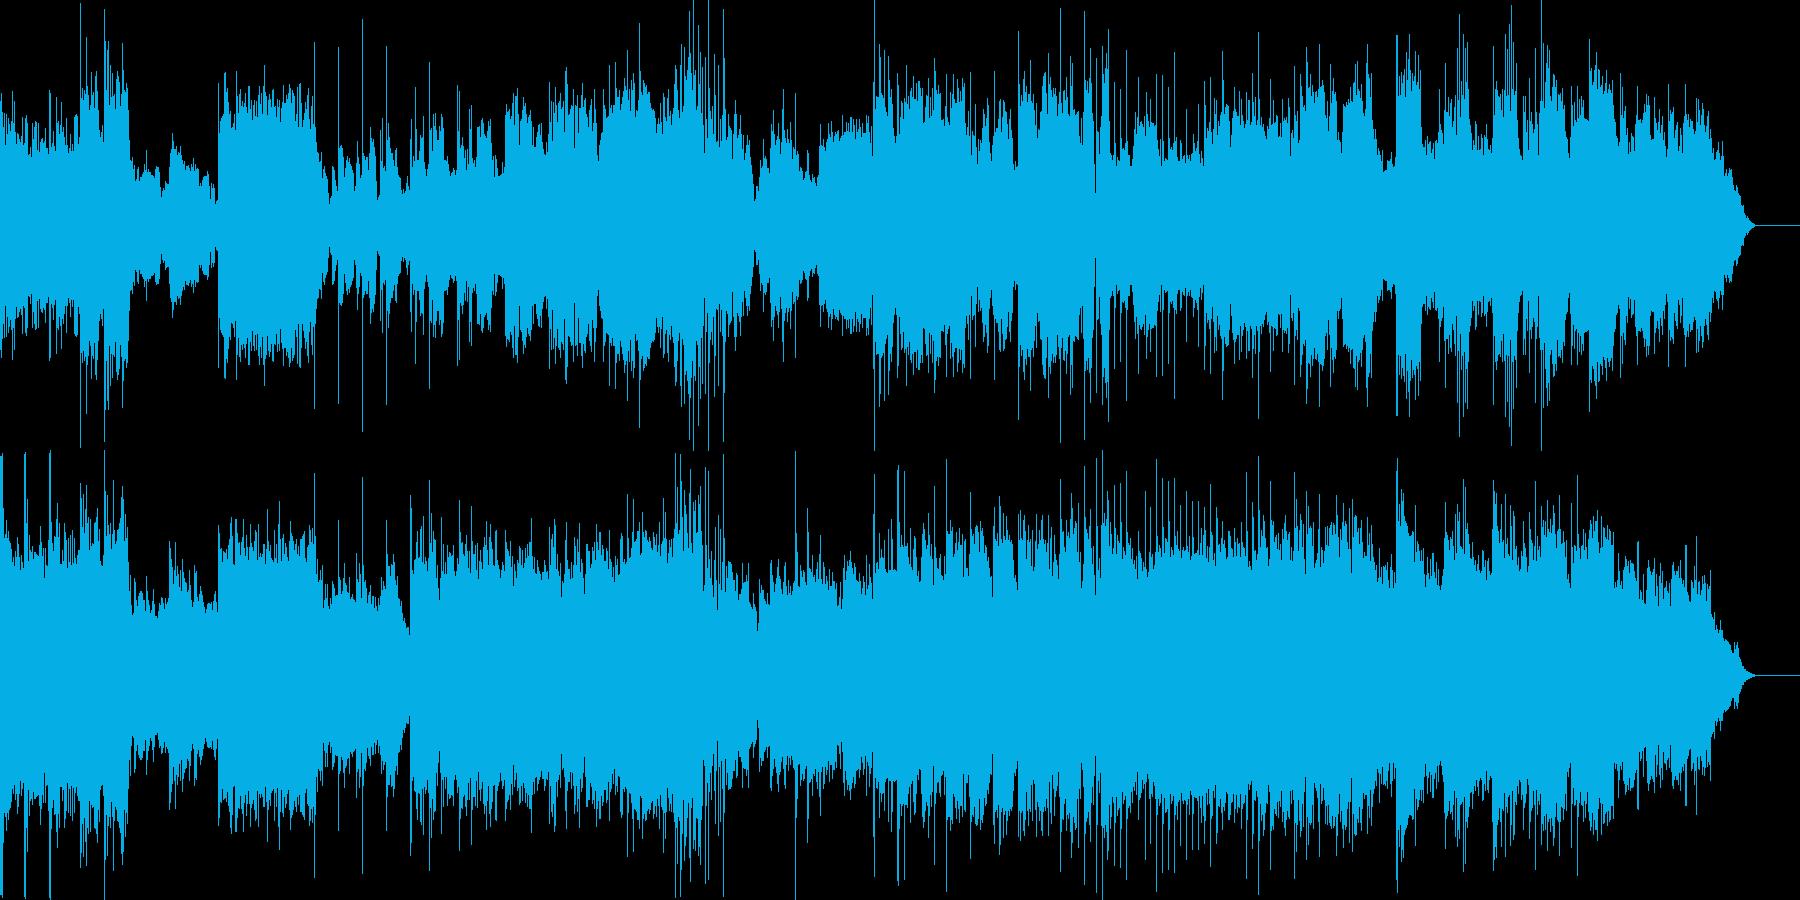 神社で舞う巫女を神秘的に表現した音楽。の再生済みの波形